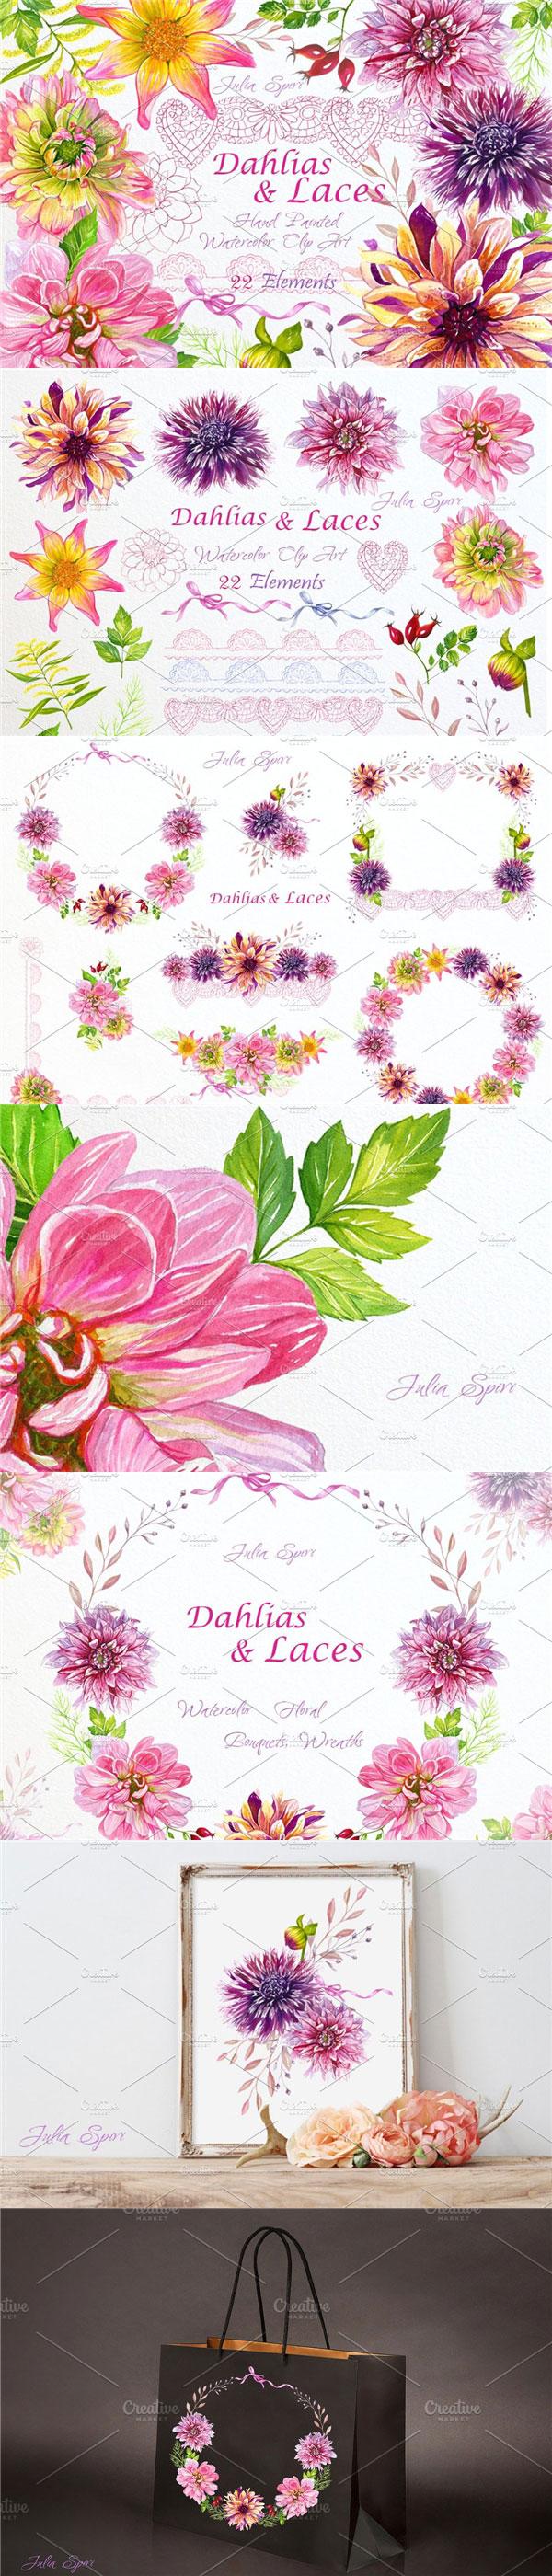 手绘水彩艳丽花朵